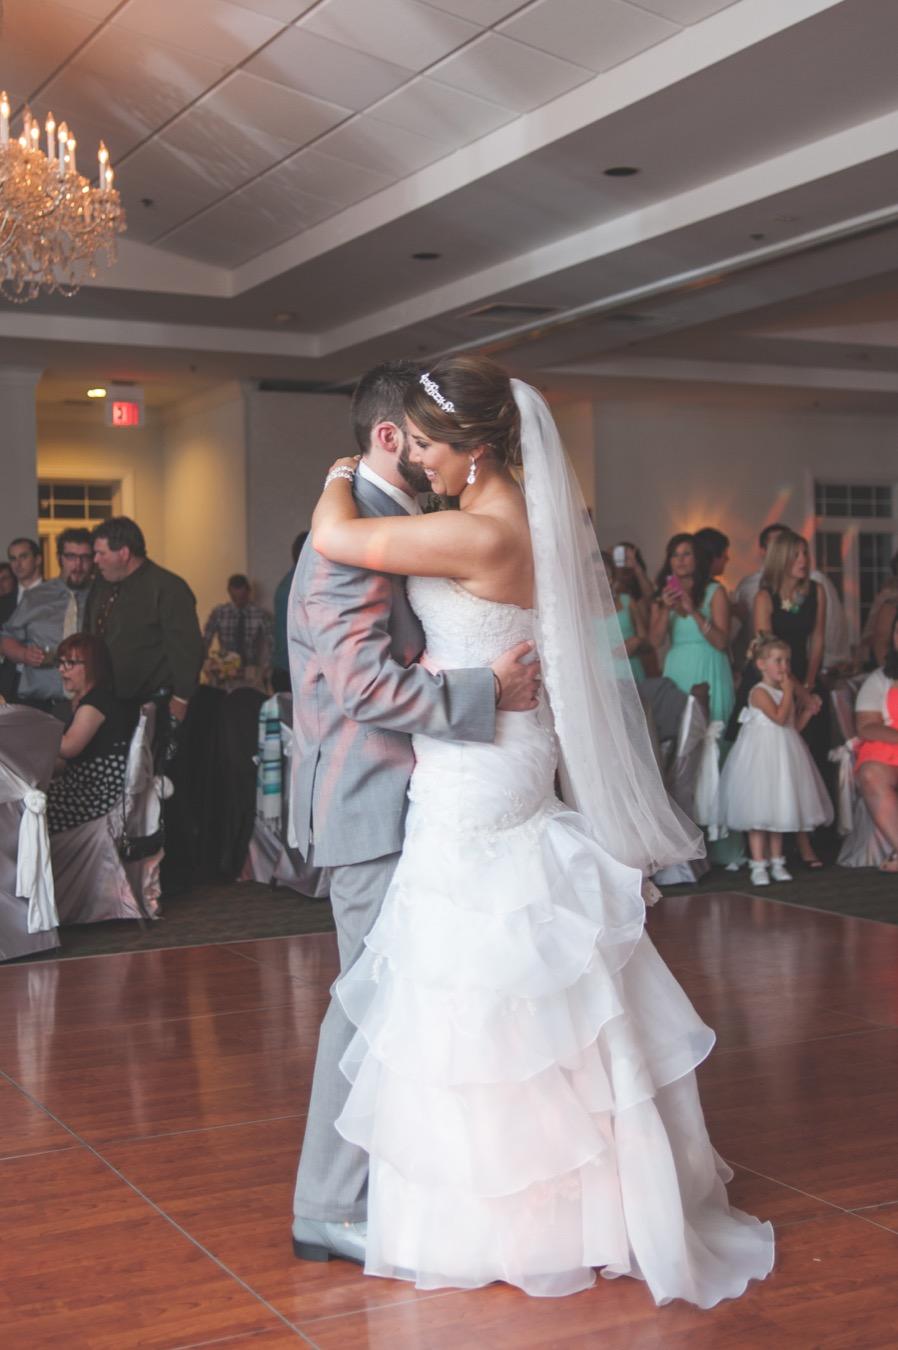 20140524205020Chicago_wedding_St_Christina_Church_Ruffled_feathers_golf_club.jpg